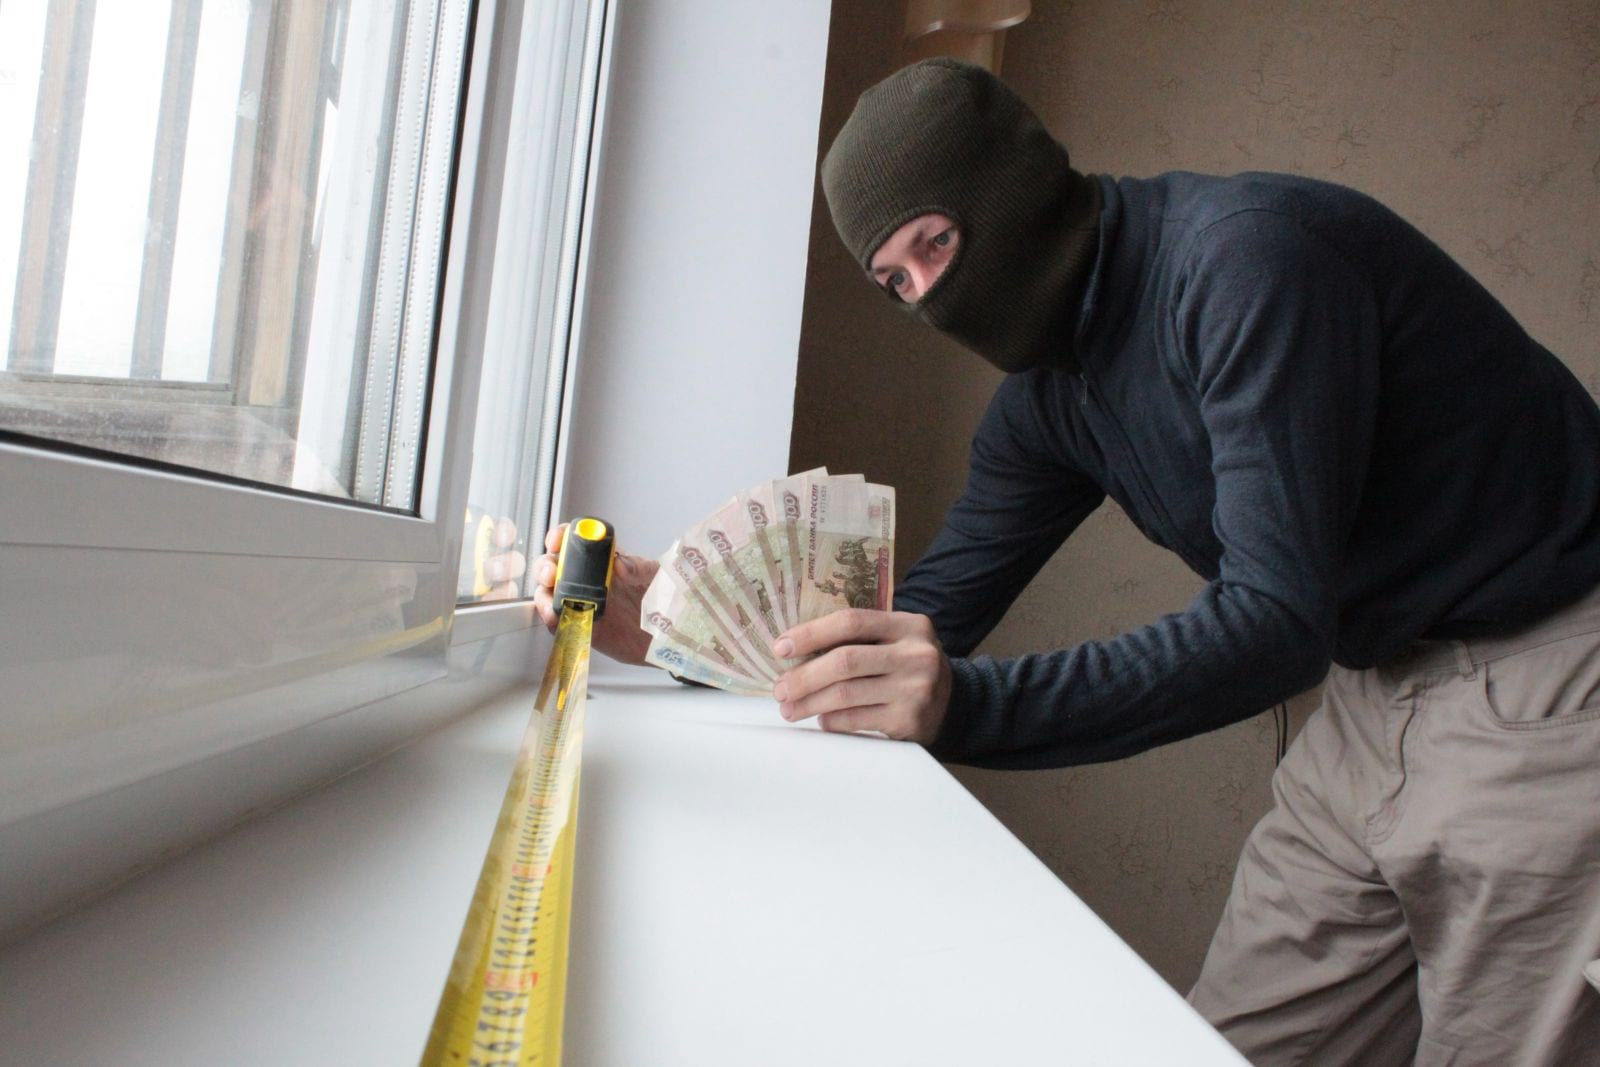 Изображение - Покупка квартиры менее 3 лет в собственности, какие риски есть у покупателя wsi-imageoptim-8966_dc177f7cd6d77ef926163d33d3f41fe2.png